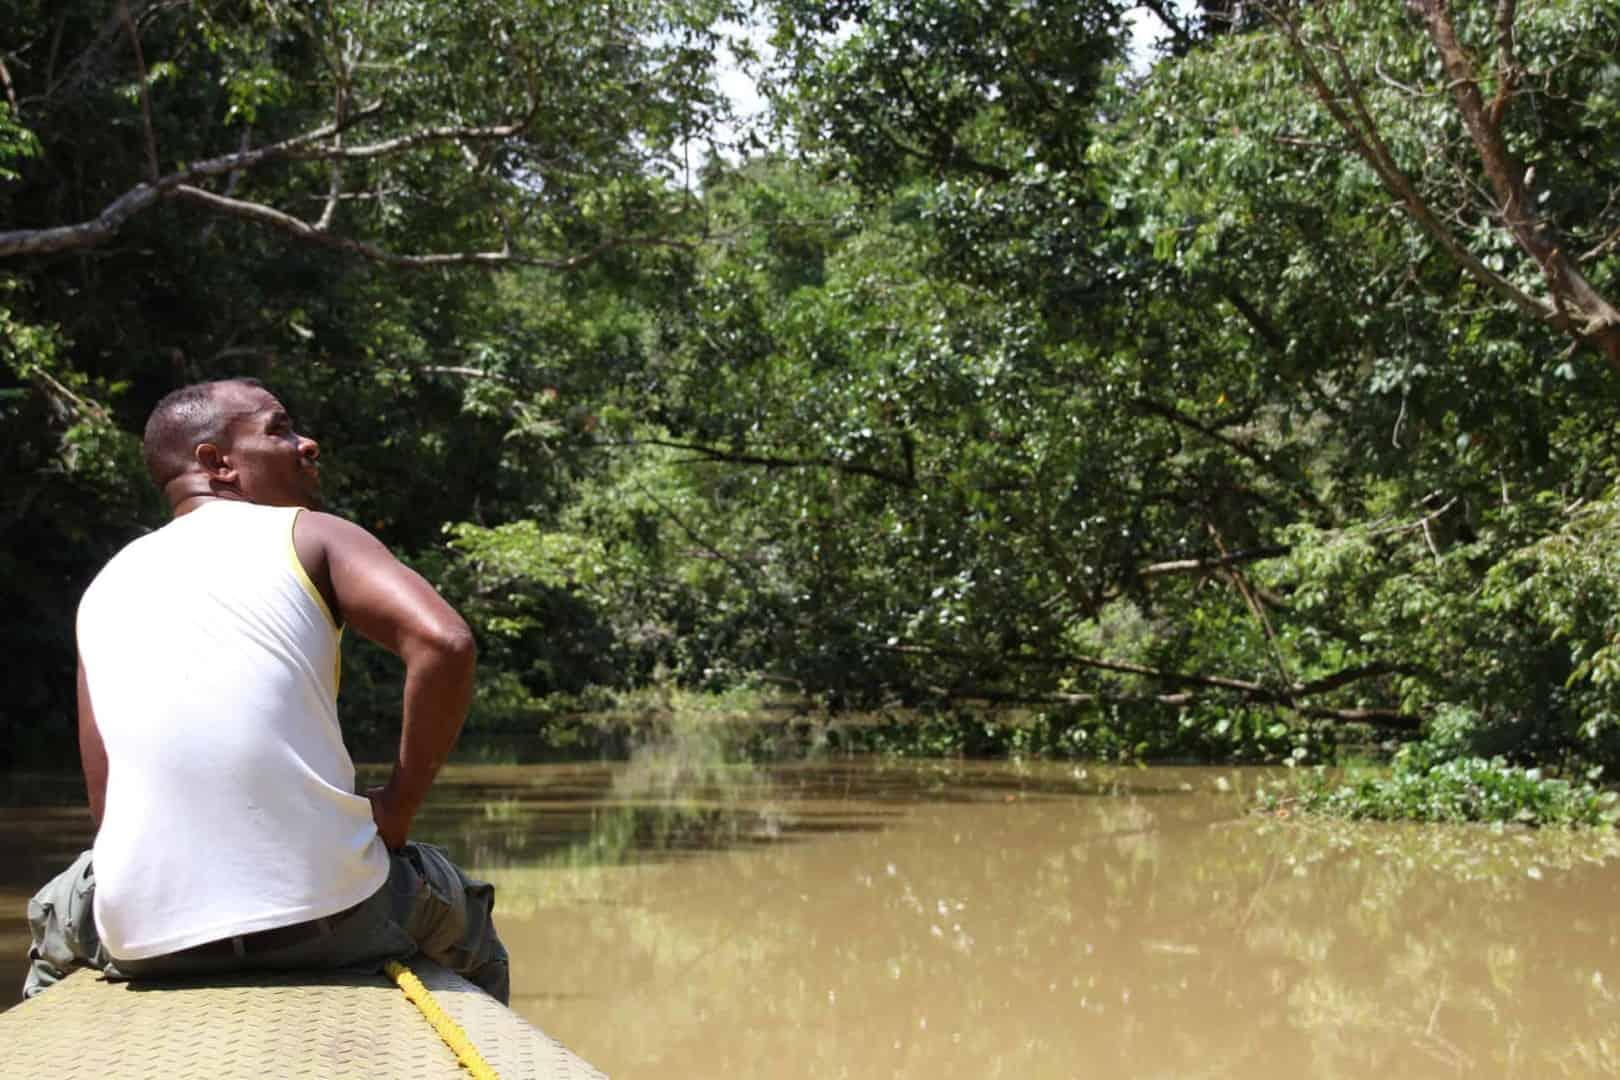 Podcast Episode #100: Expedition zum Orinoco-Delta in Venezuela (Uwe Hartmann) 7